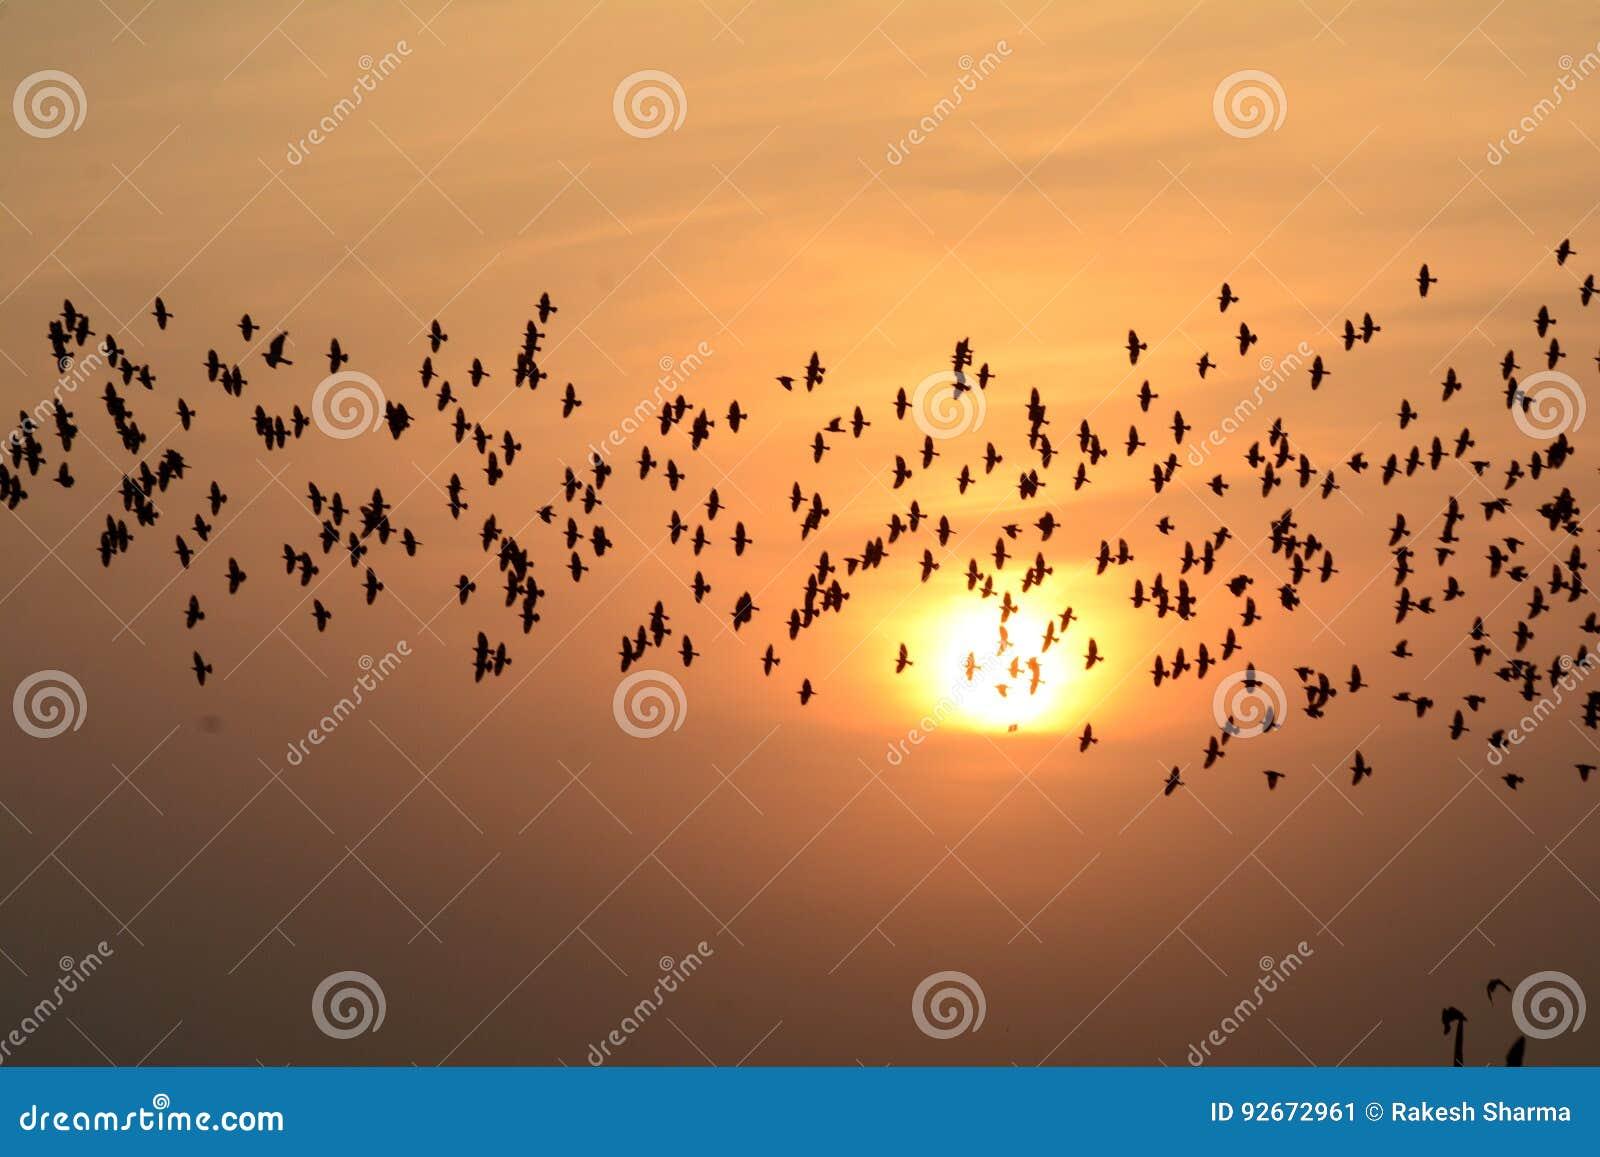 FLOCKING BIRDS IN EVENING SKY BIKANER rajasthan